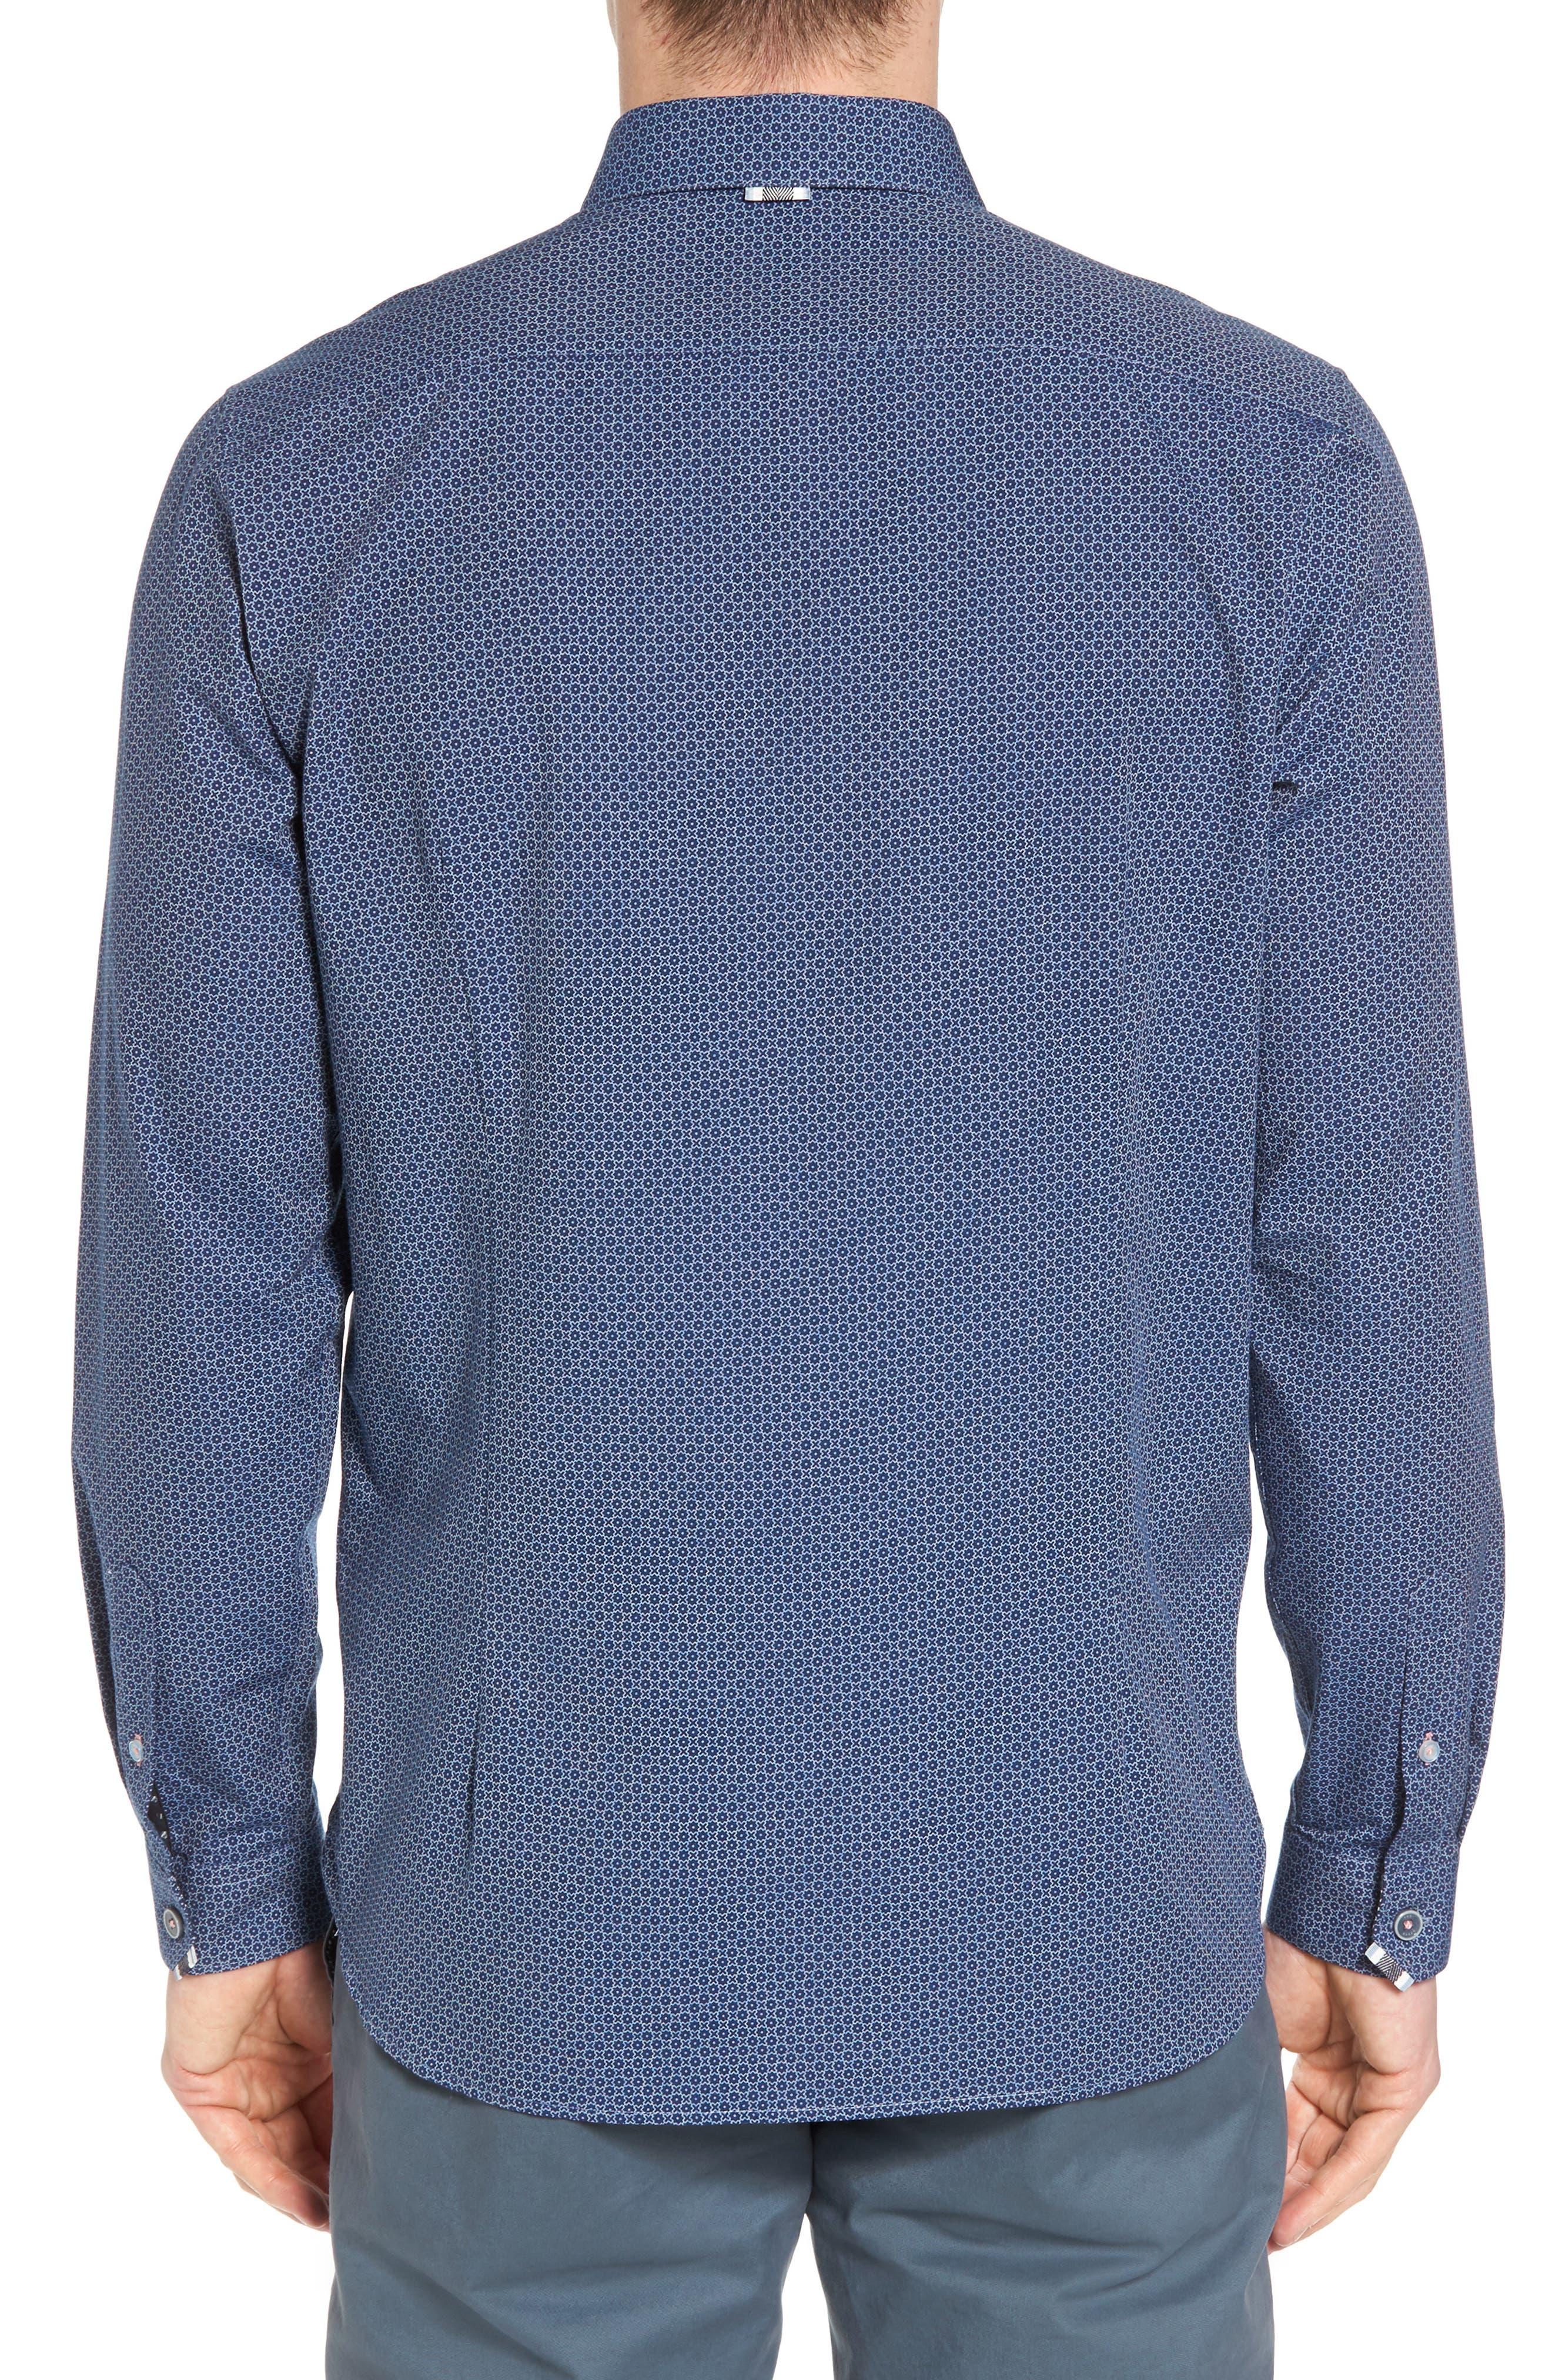 Holic Trim Fit Geometric Sport Shirt,                             Alternate thumbnail 3, color,